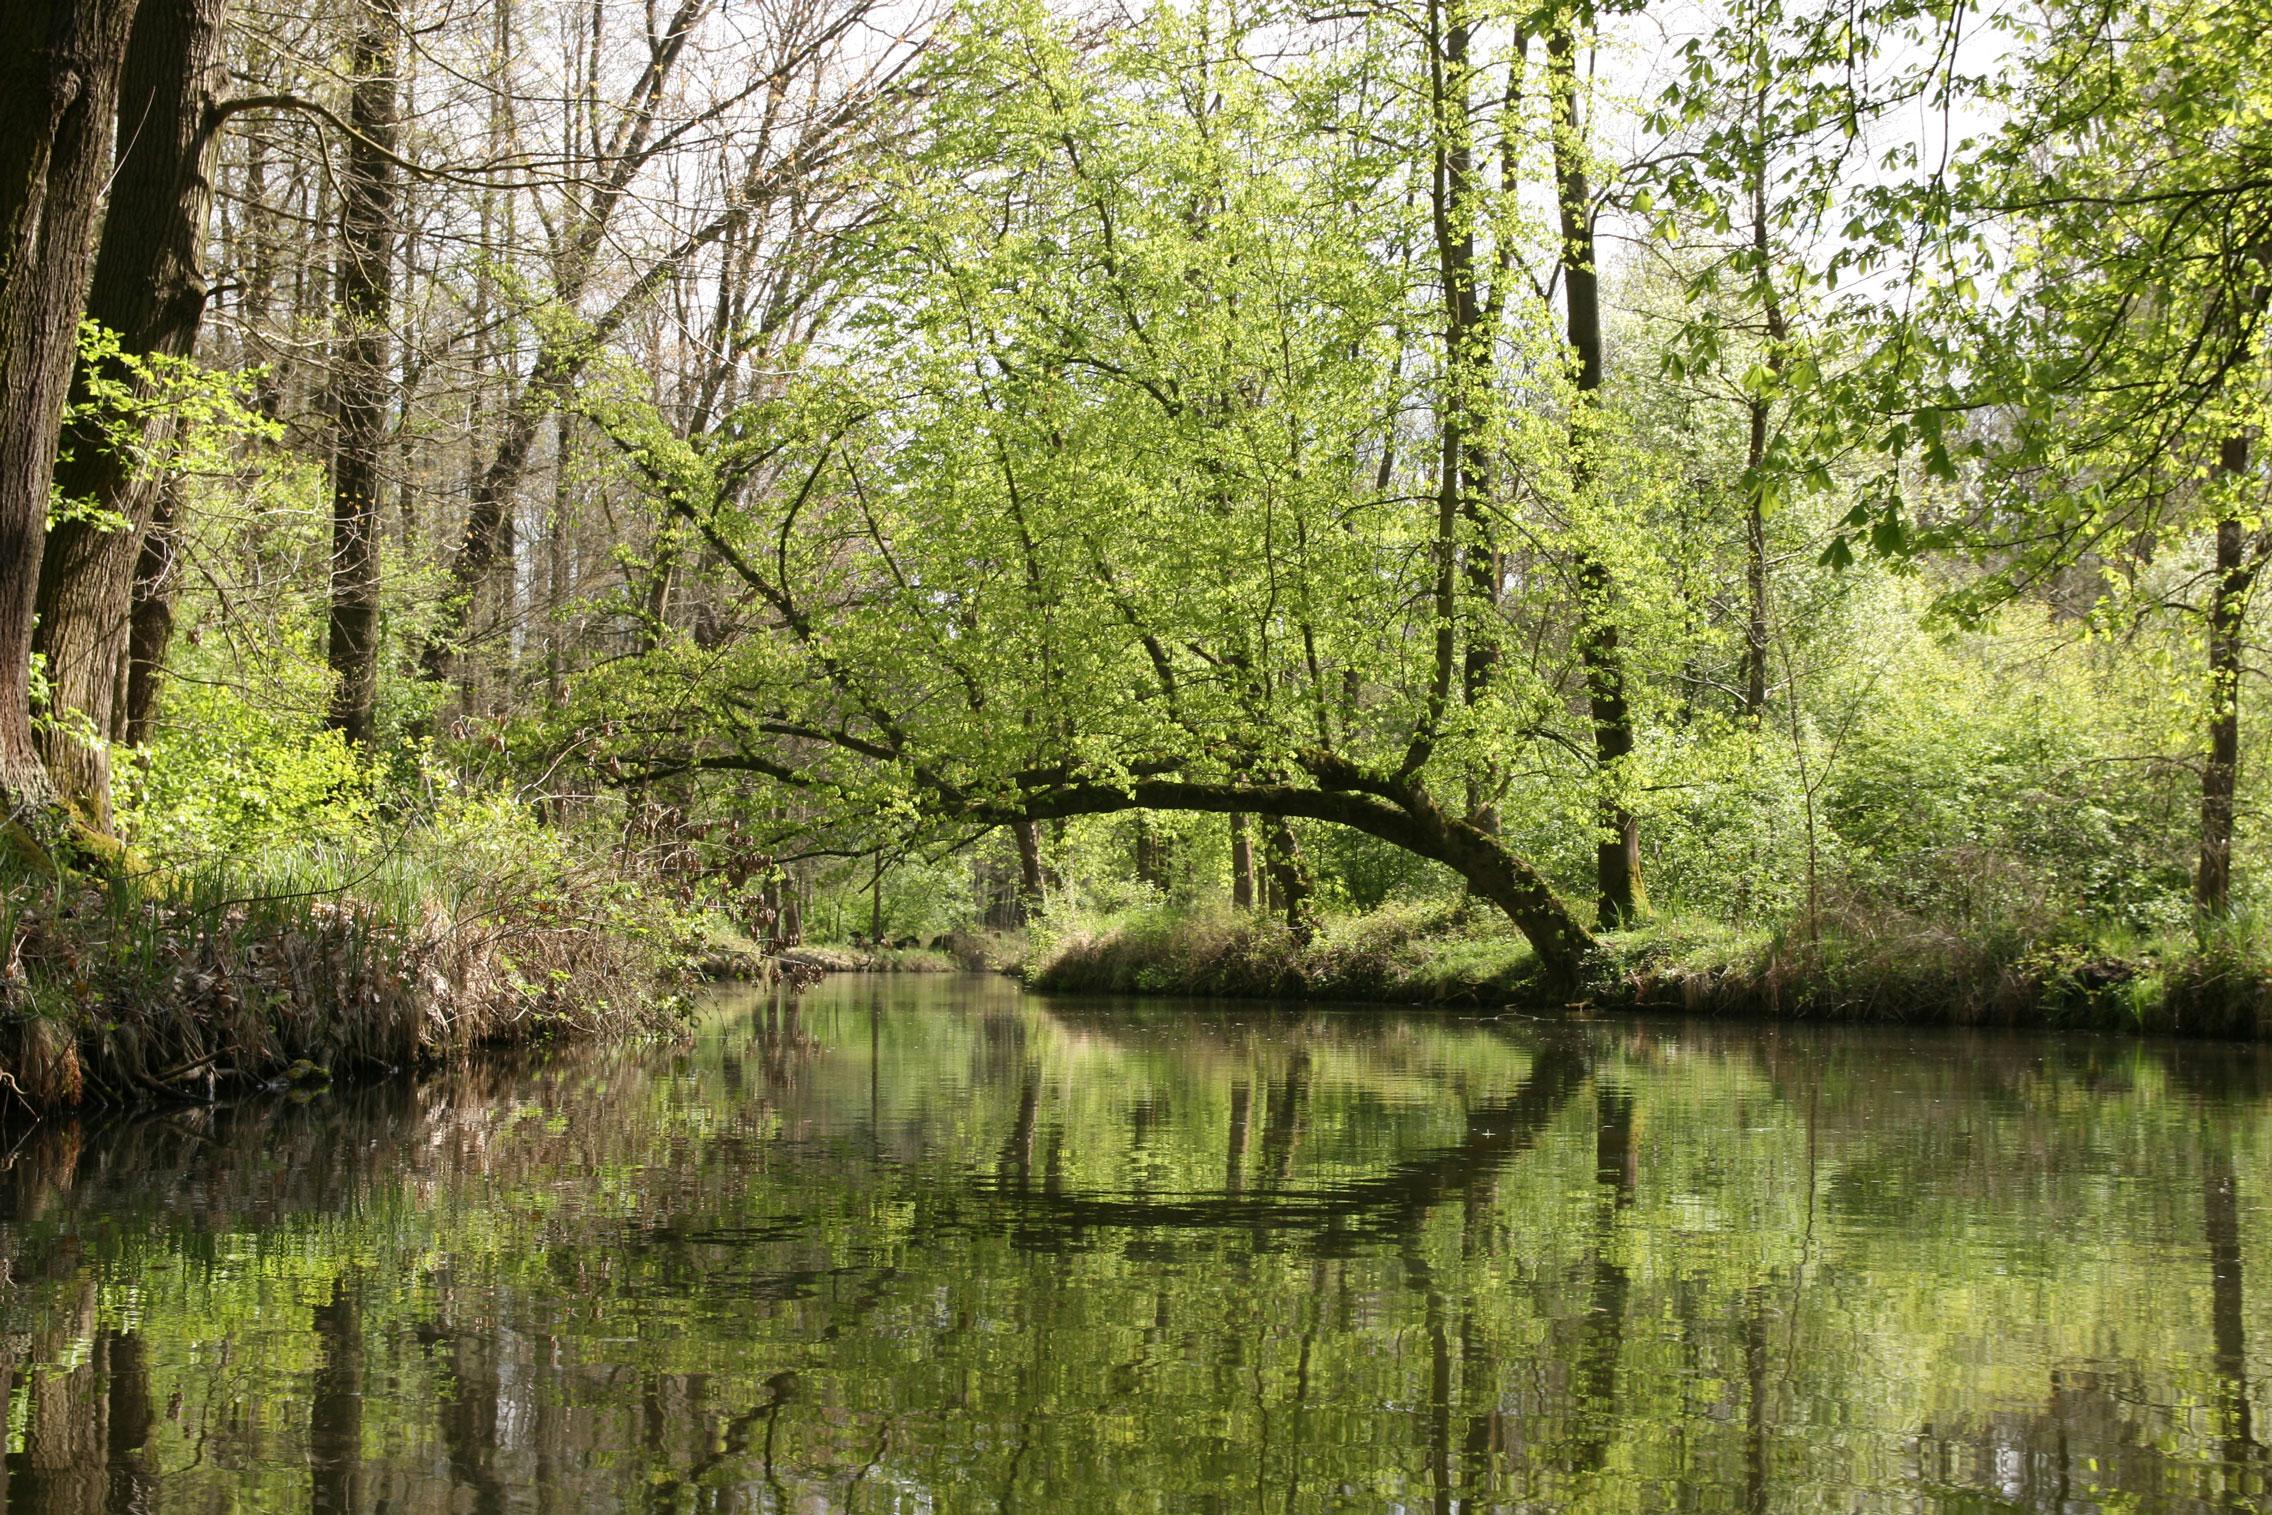 Frühling - Gerade der Frühling ist für Naturliebhaber reizvoll. Die Wiesen sind bis Anfang April überschwemmt und die Wälder sind ohne Blätter besonders tief einsehbar. Vögel lassen sich gut beobachten. Absolut herrlich wird es auch, wenn die Blätter aus den Knospen brechen oder die Sumpfdotterblumen blühen.